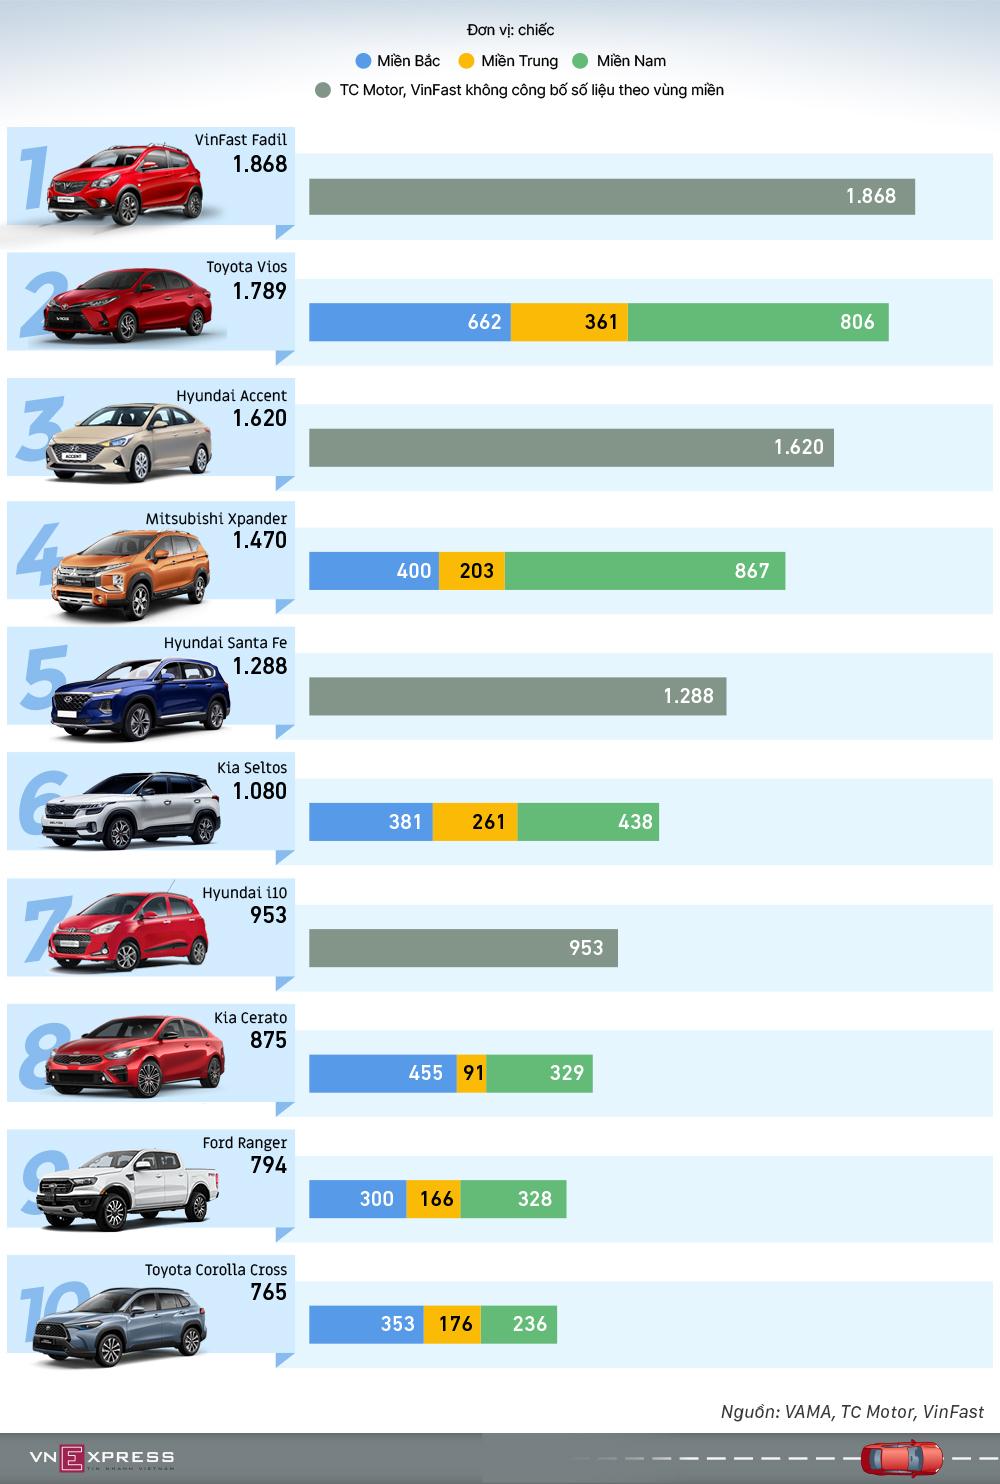 Top ôtô bán chạy tháng 5 - VinFast Fadil giữ đỉnh bảng